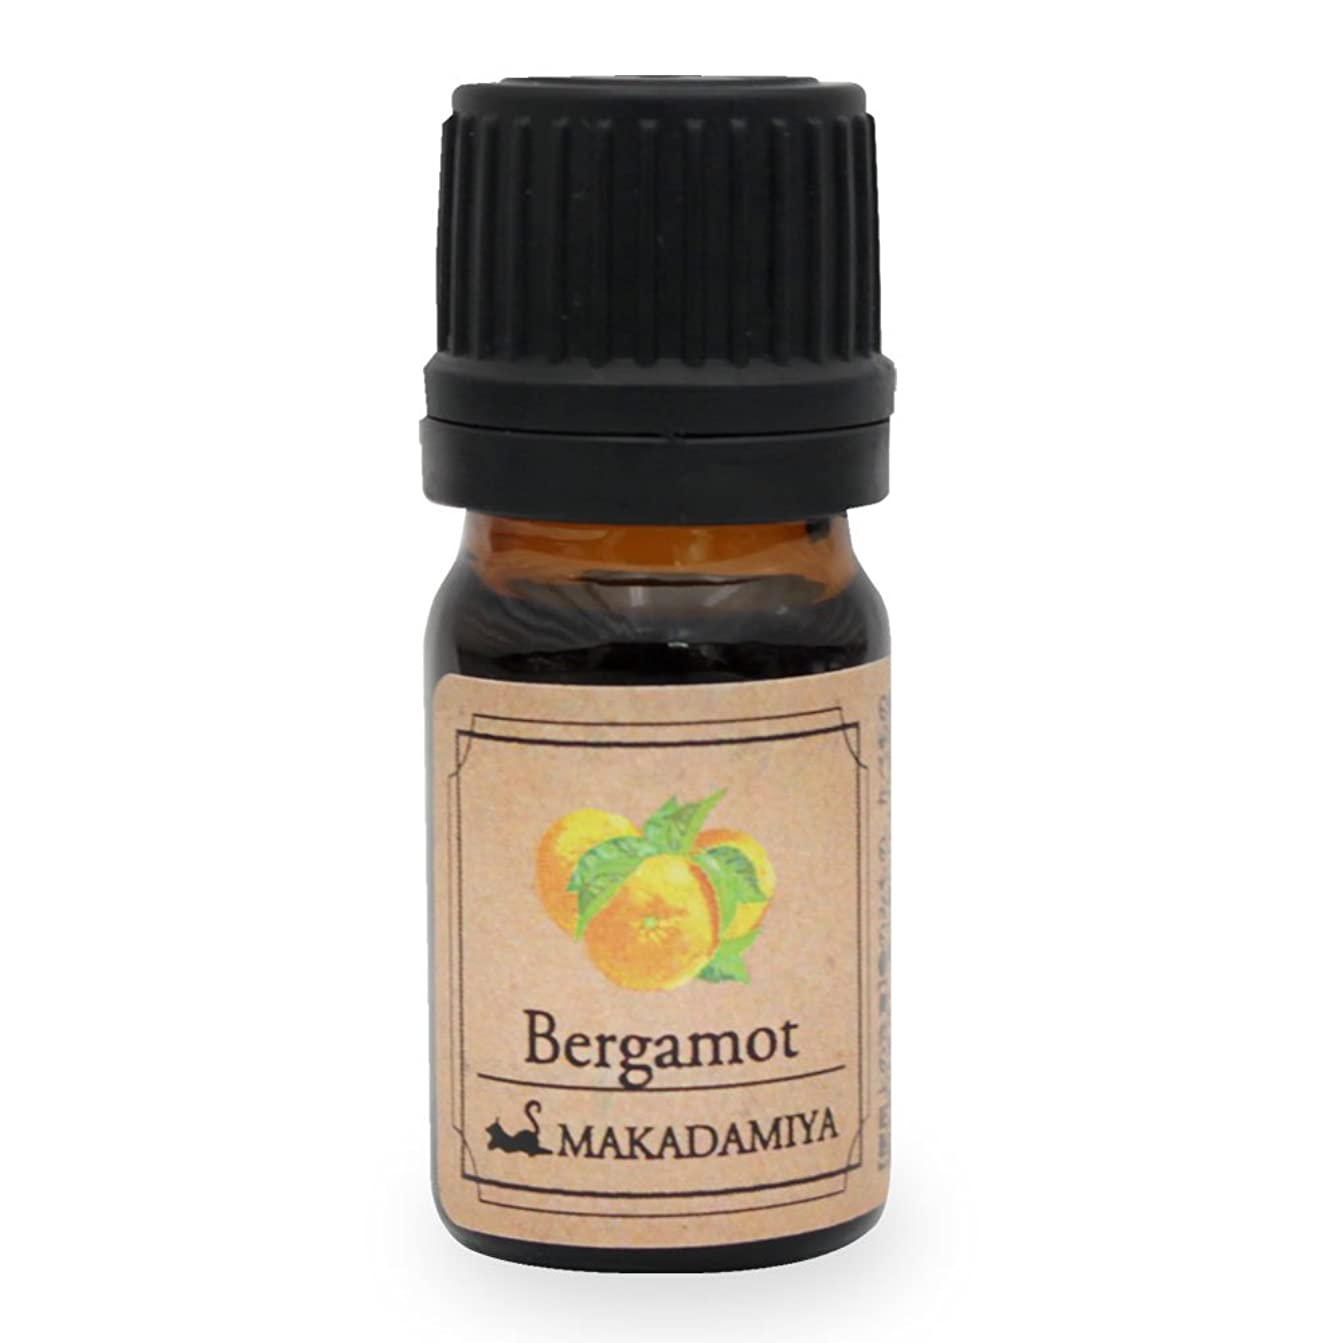 小麦粉学習者お金ベルガモット5ml 天然100%植物性 エッセンシャルオイル(精油) アロマオイル アロママッサージ aroma Bergamot